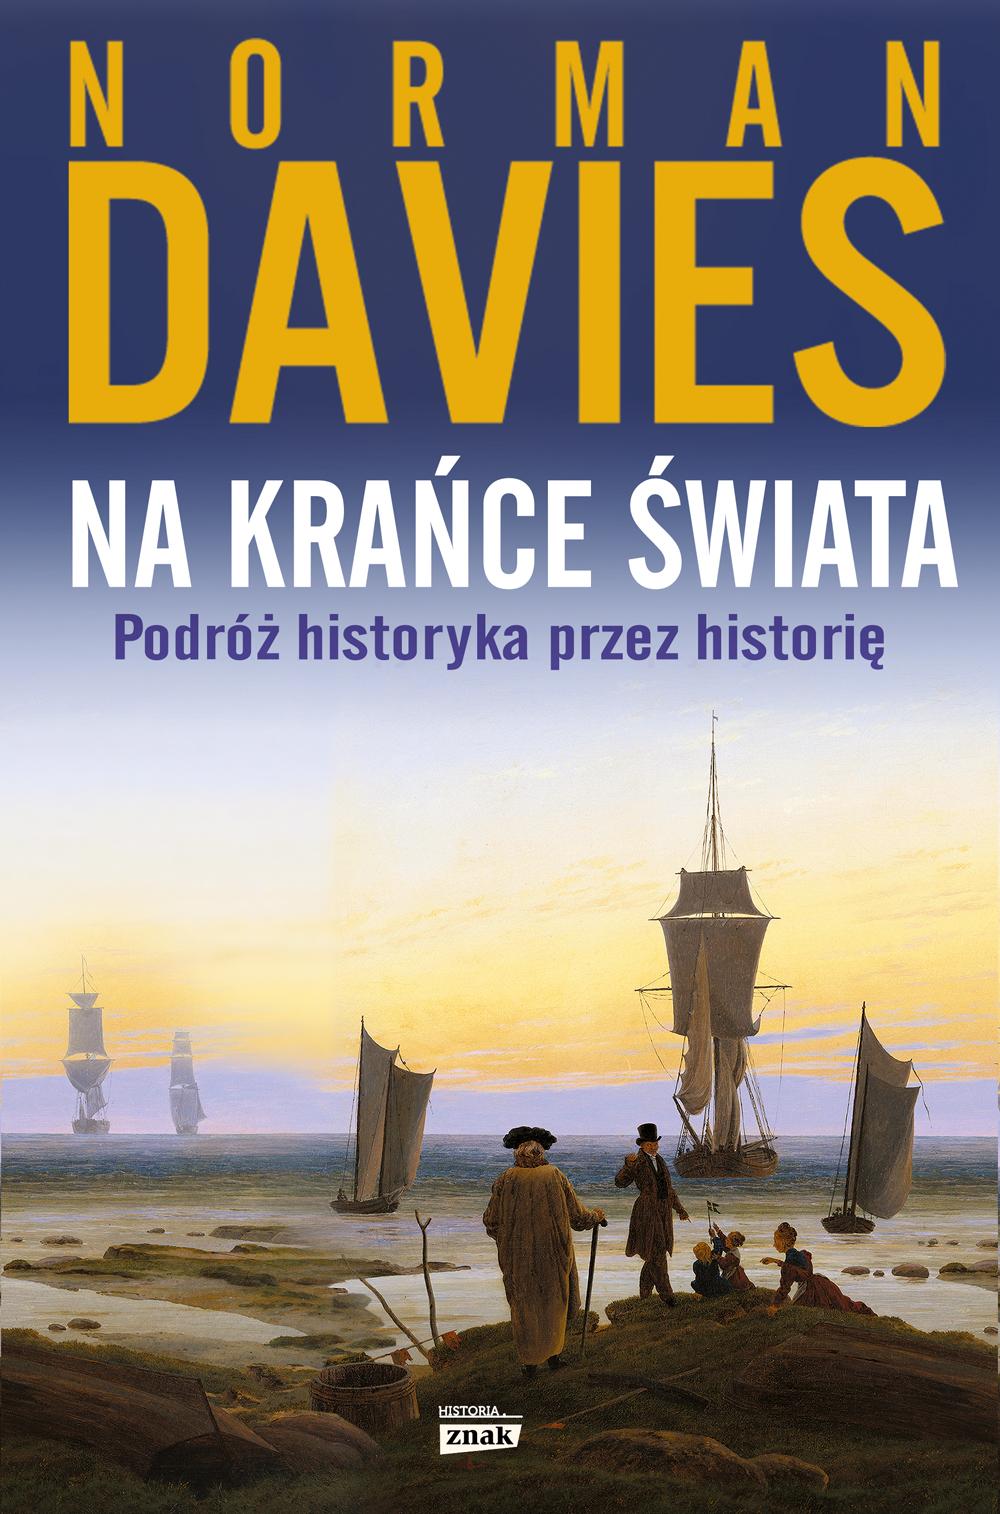 Polecamy najnowszą książkę Normana Daviesa pt. Na krańce świata. Podróż historyka przez historię. Do kupienia w naszej oficjalnej księgarni.